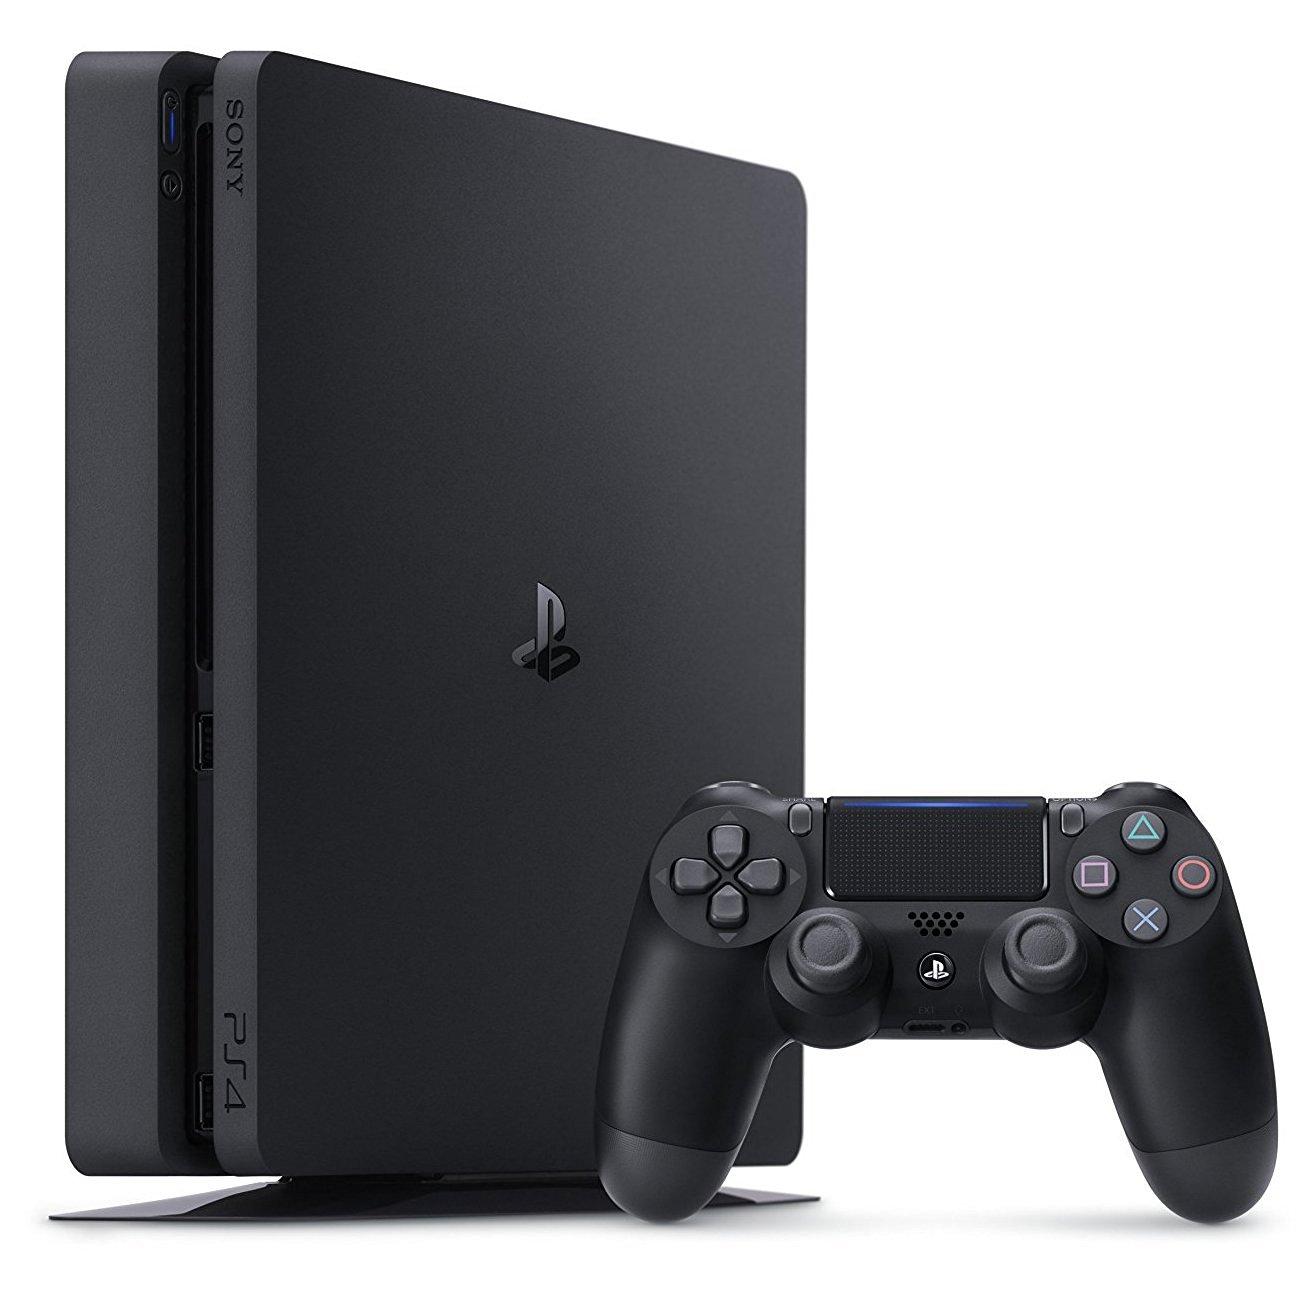 PS4(プレイステーション4/プレステ4)CUH-2000系ジェット・ブラックなど計3点を